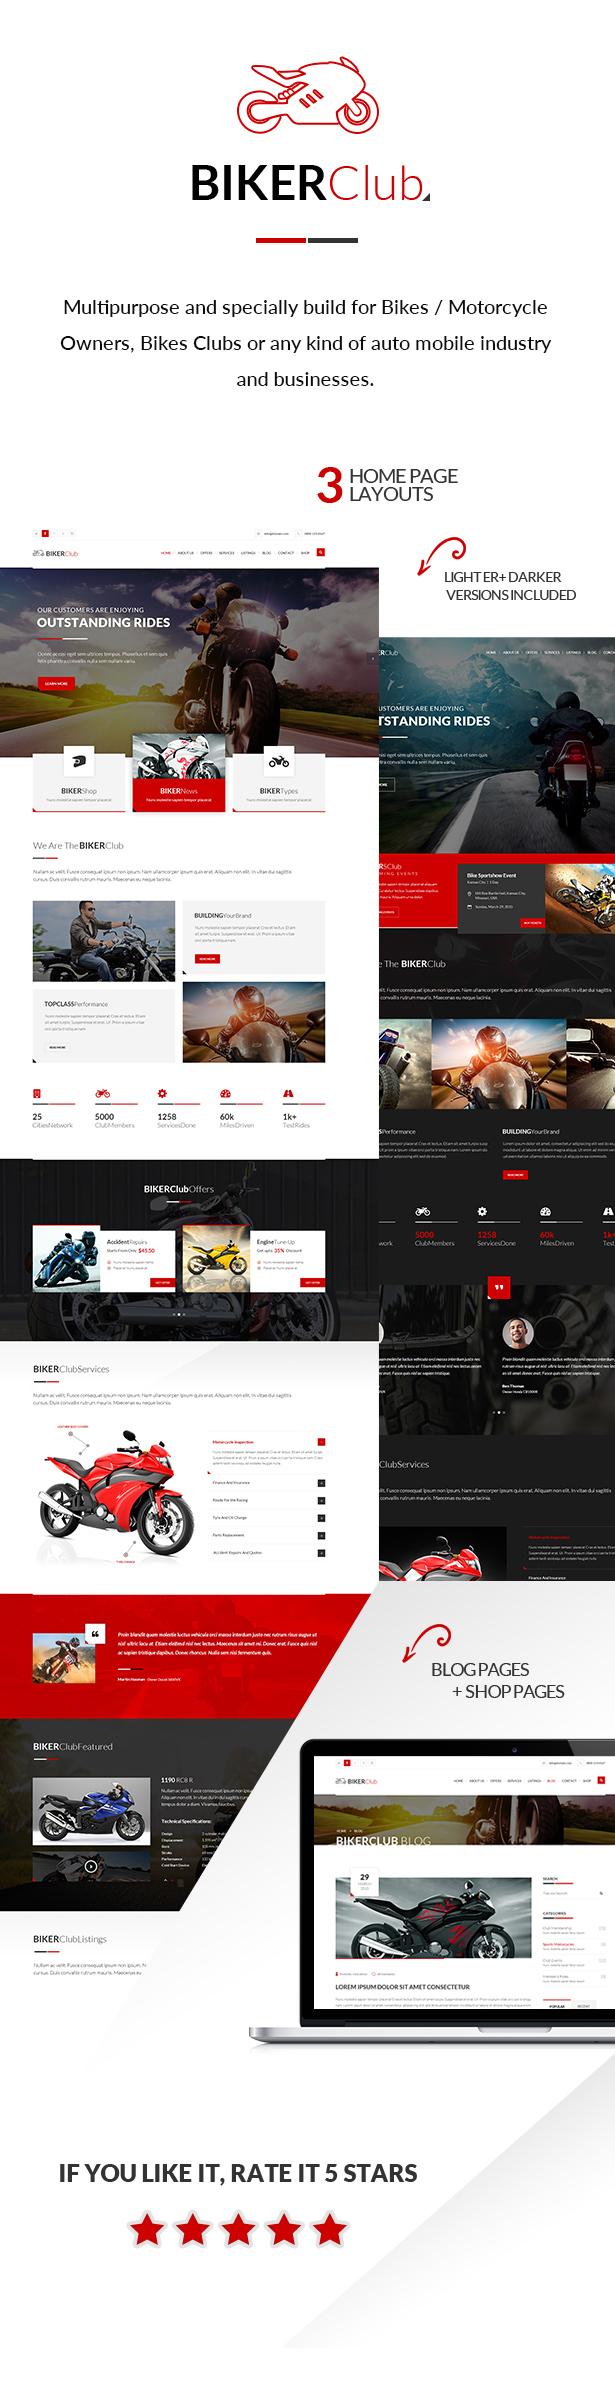 Biker Club - WordPress theme - 1